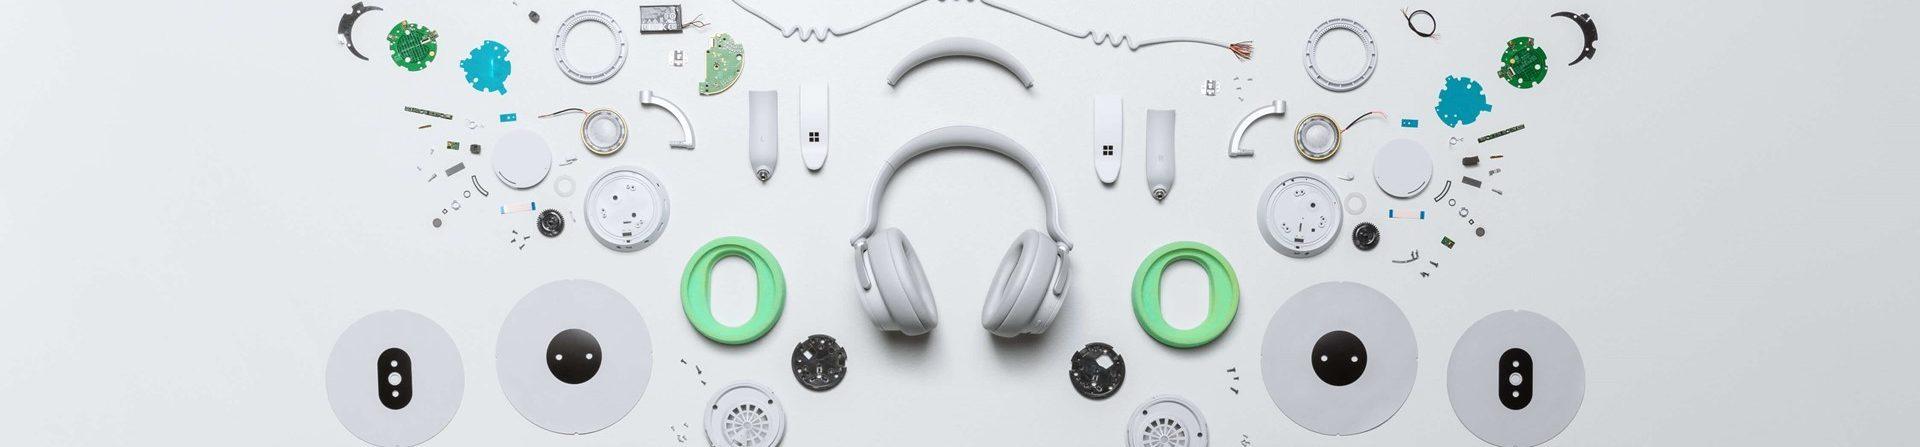 cropped-surface-headphones-jpg-2.jpg